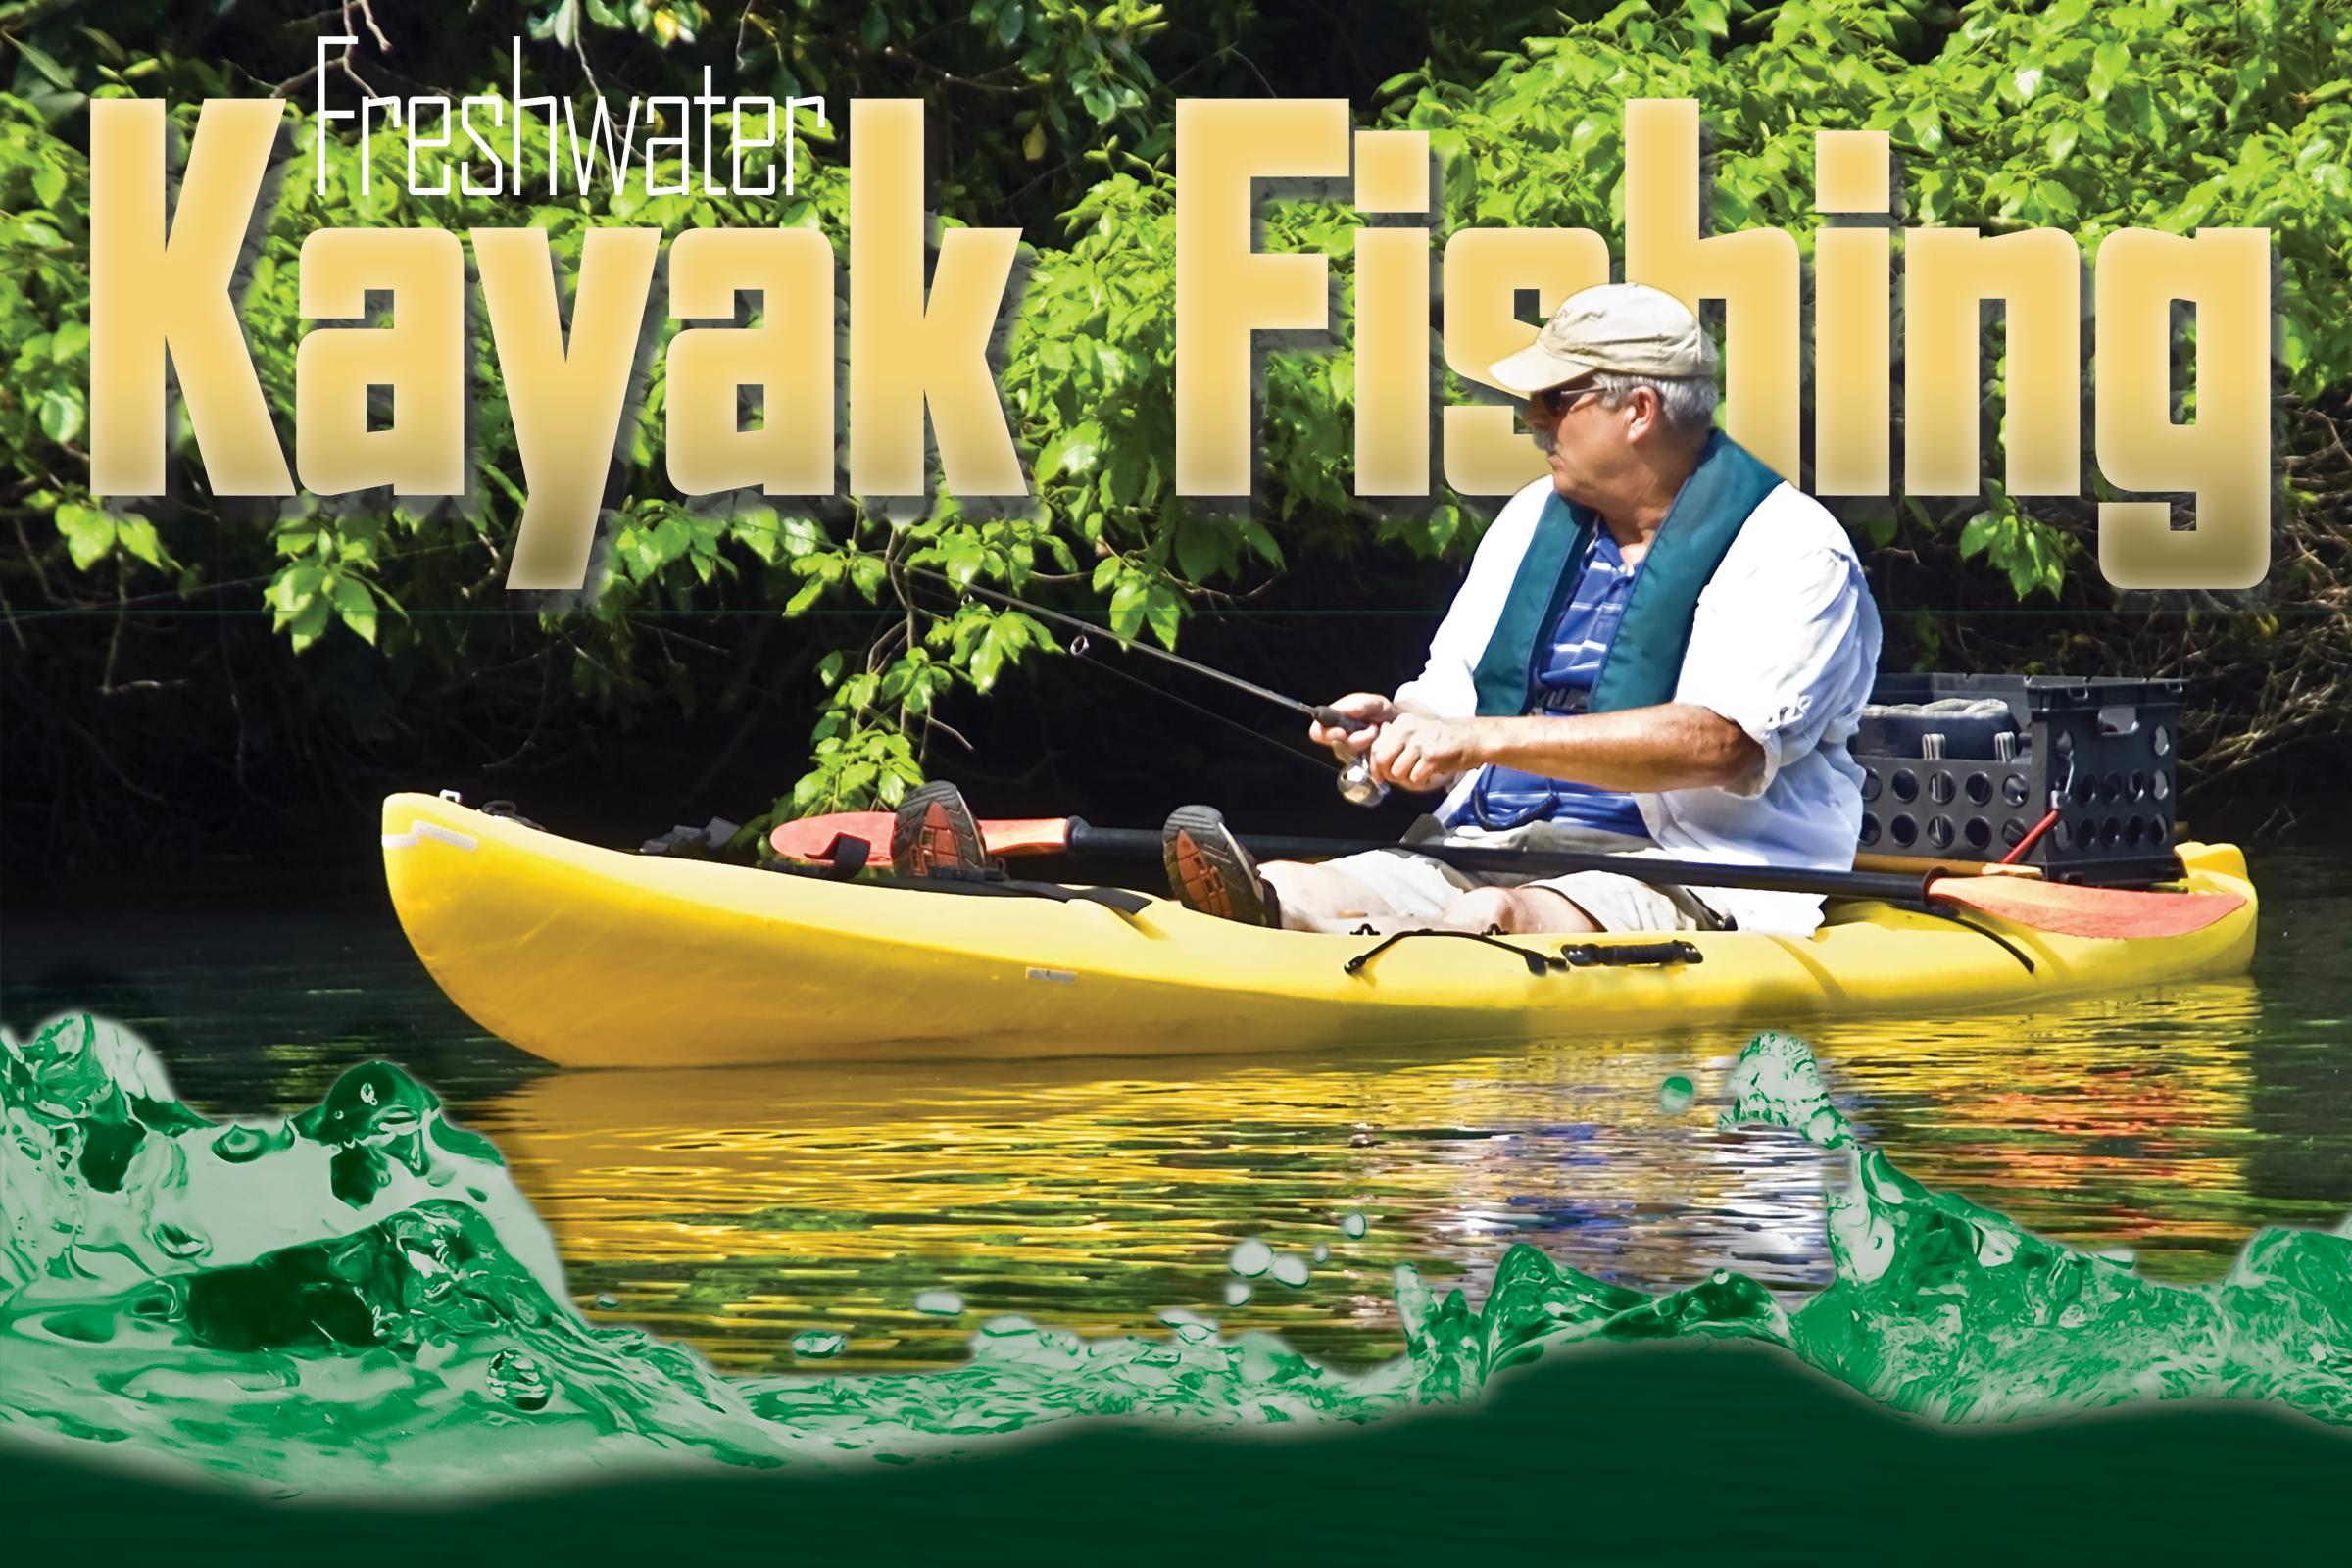 Freshwater kayak fishing yakking for bass for Freshwater kayak fishing